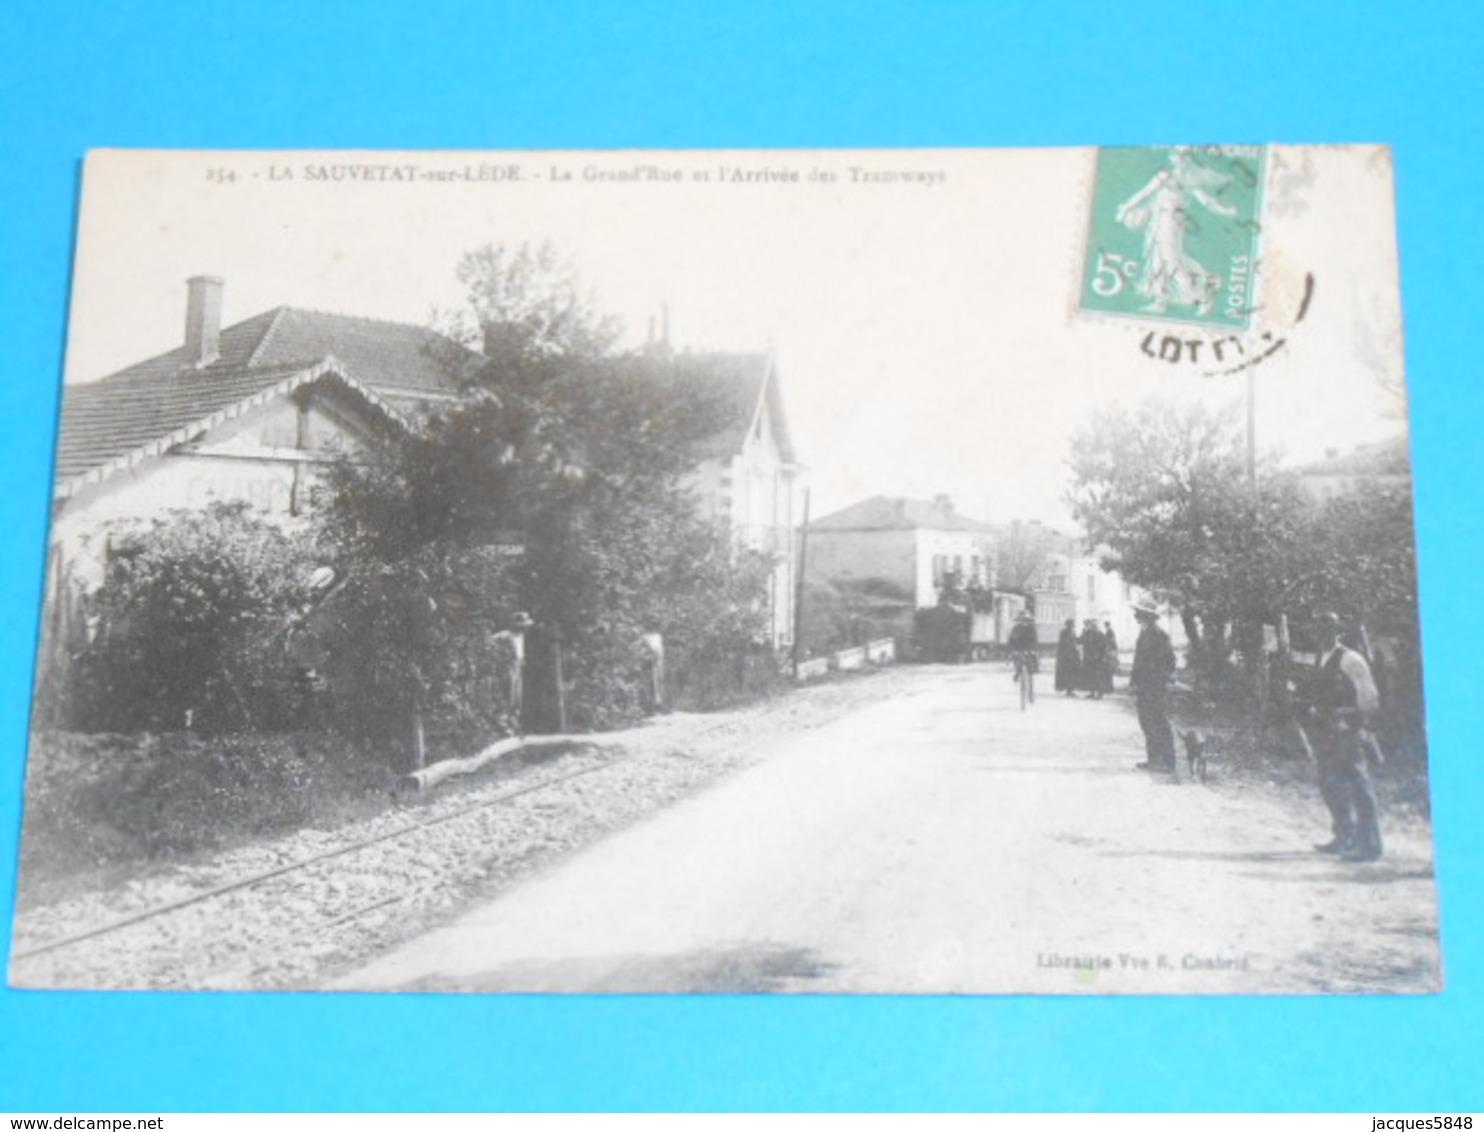 47 ) La Sauvetat-sur-lède - La Grand'rue Et L'arrivée Des Tramways  : Année 1915 : EDIT - Chabrié - France